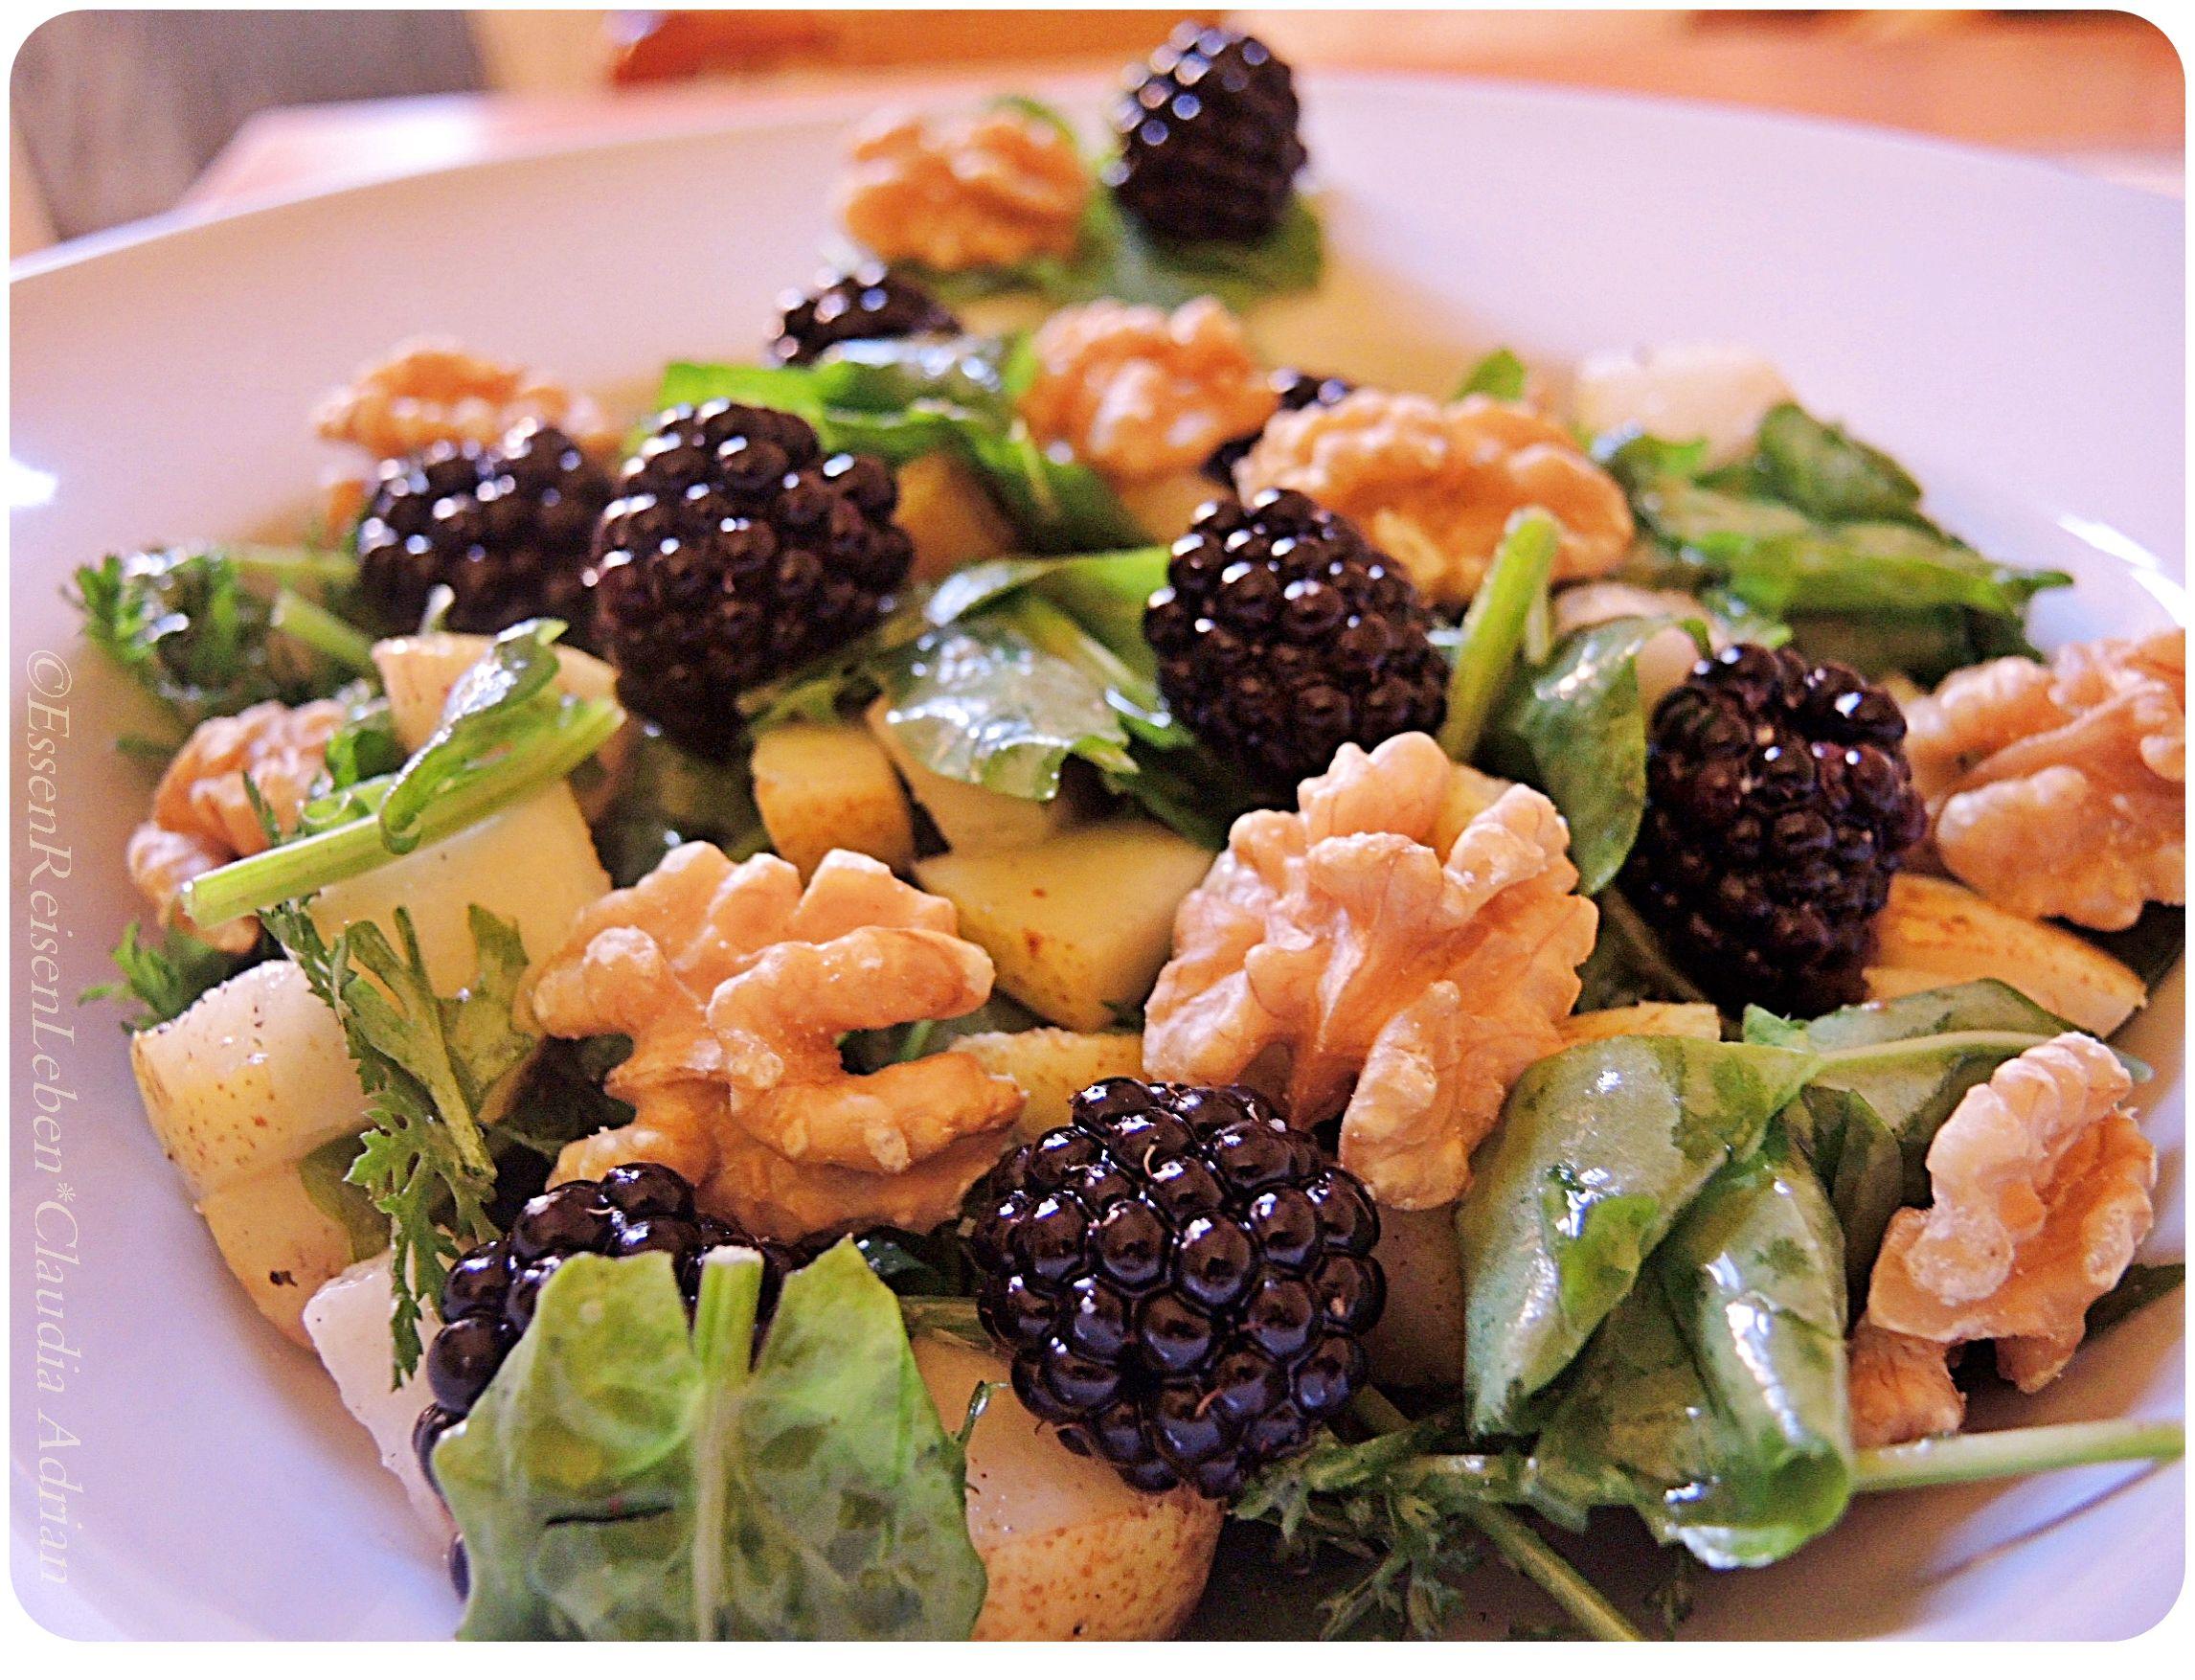 Sommerliche Salatkreation: Kräutersalat, Brombeeren, Walnüsse und Birne  #Sommer #Brombeeren #EssenReisenLeben